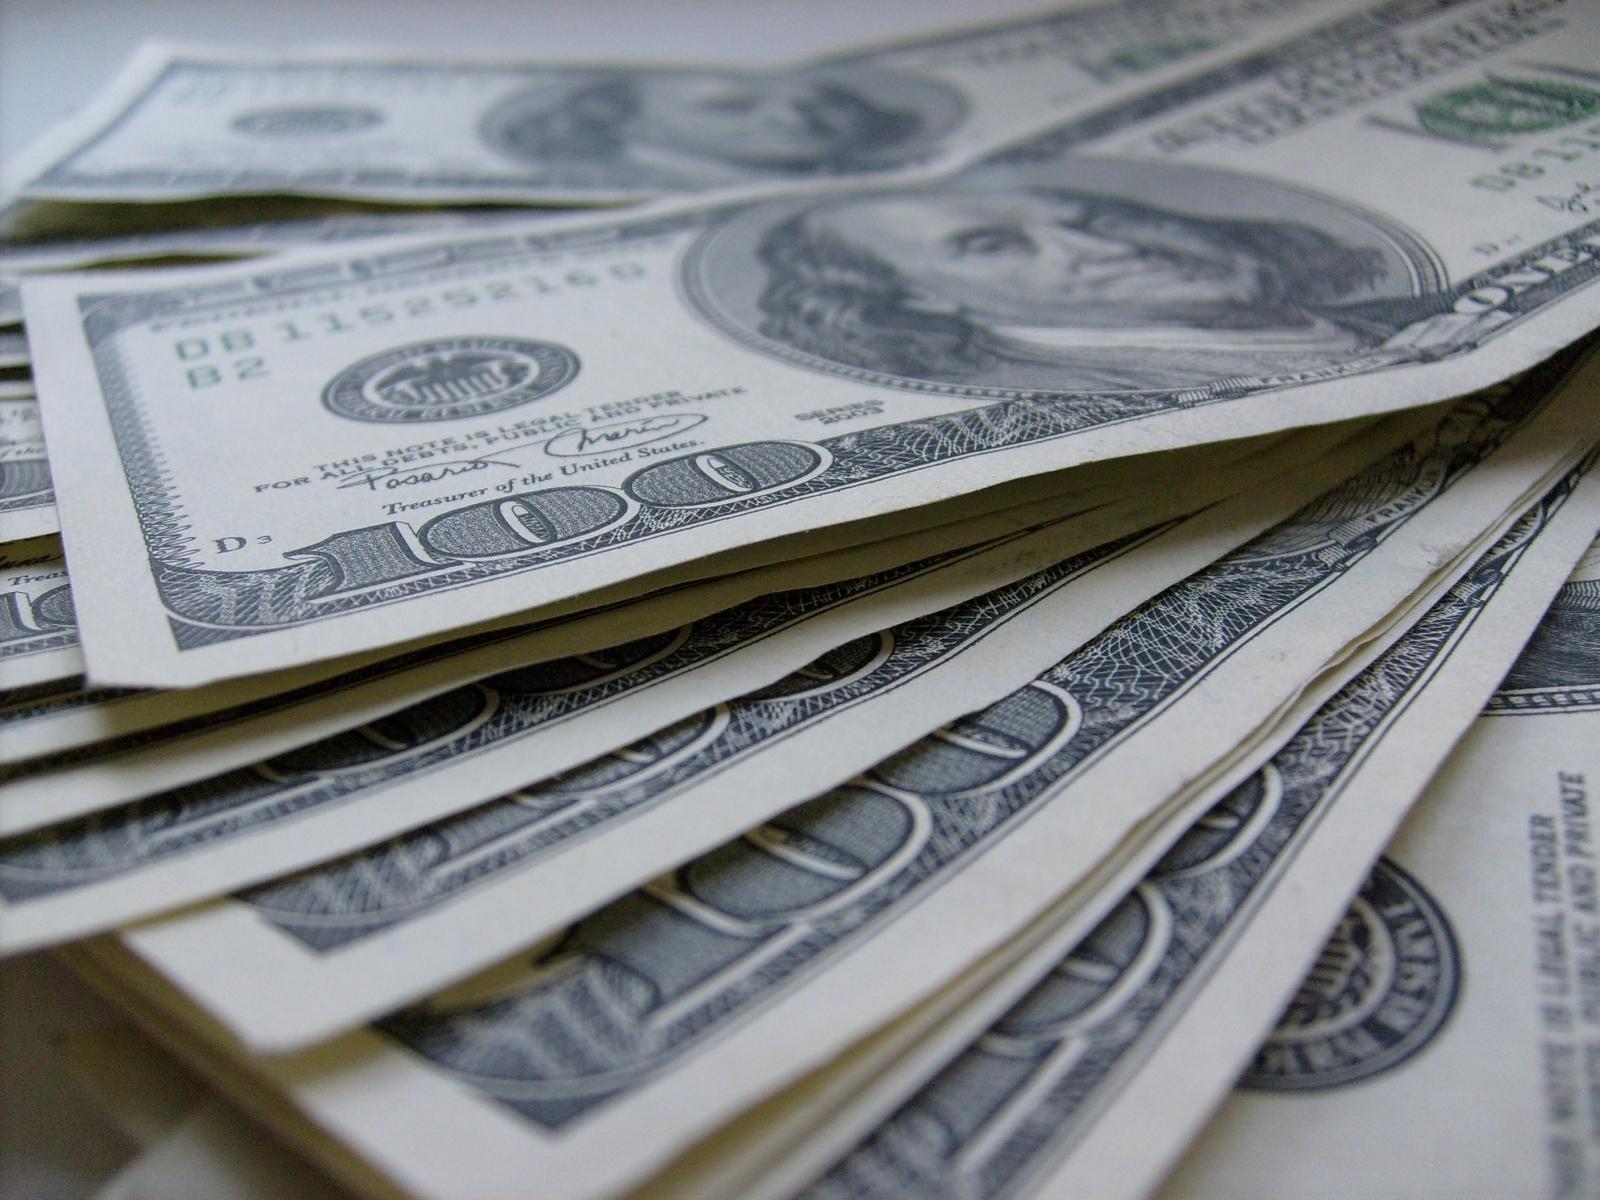 2907 обои 1080x2340 на телефон бесплатно, скачать картинки Деньги, Доллар (Dollar, $), Фон 1080x2340 на мобильный